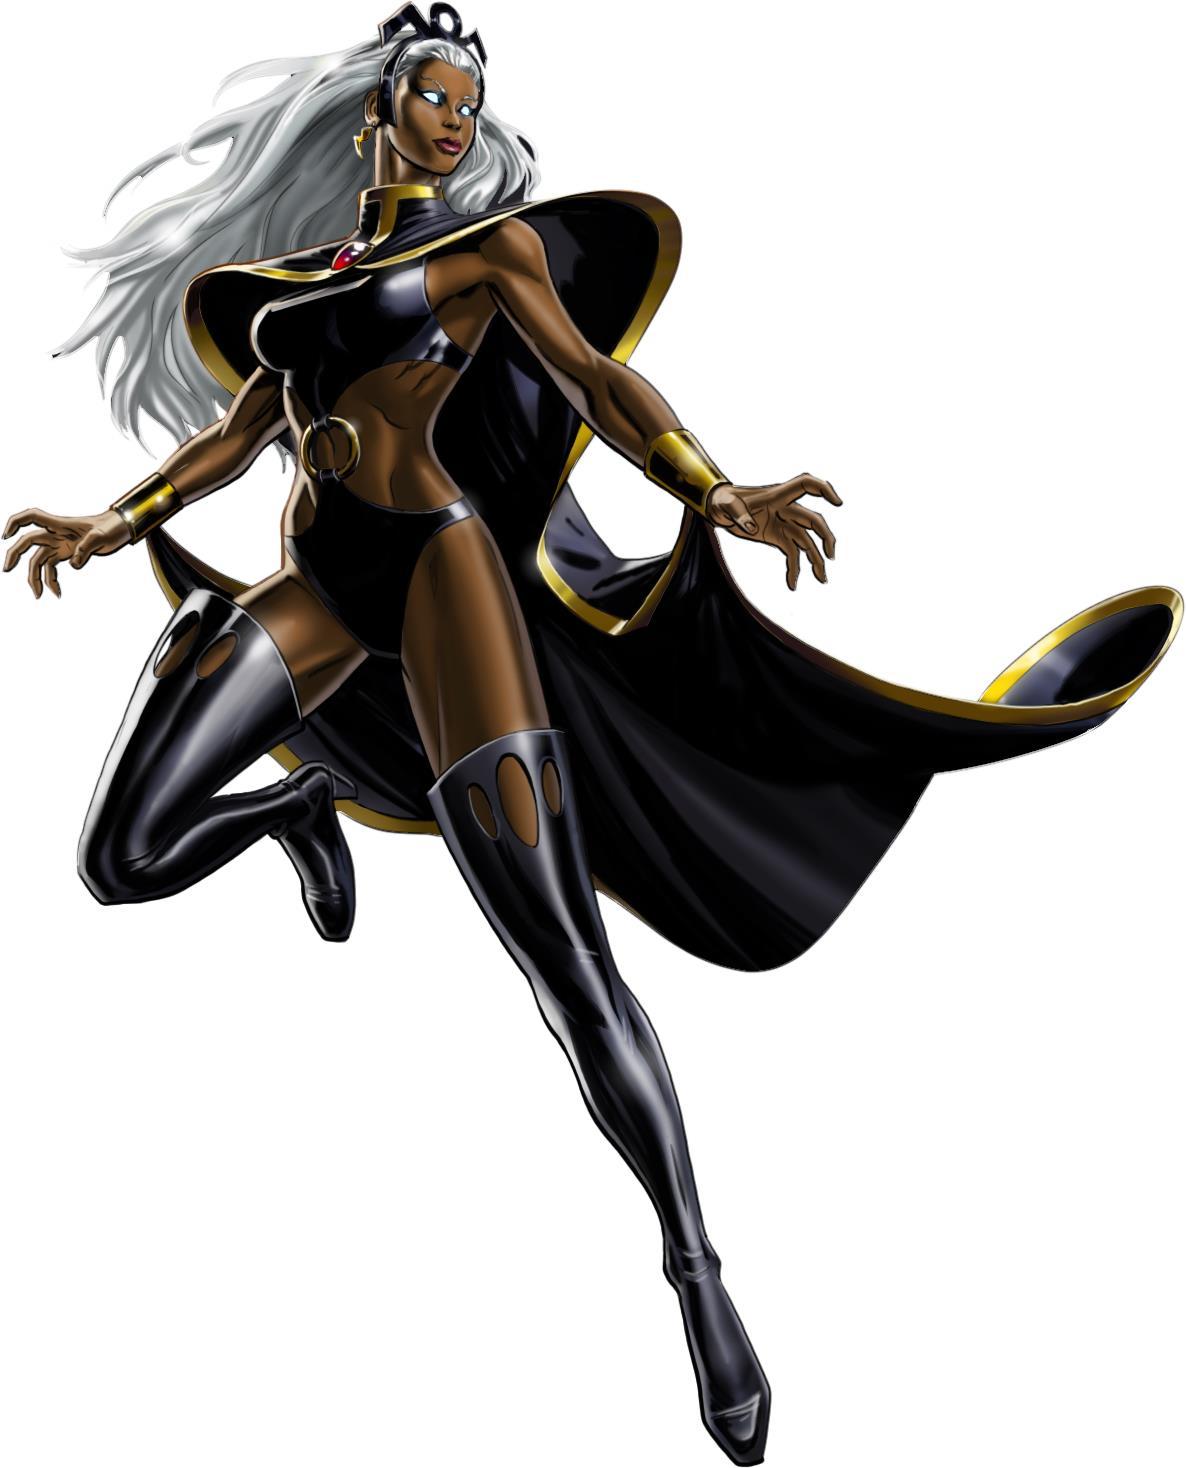 storm-marvel-avengers-alliance